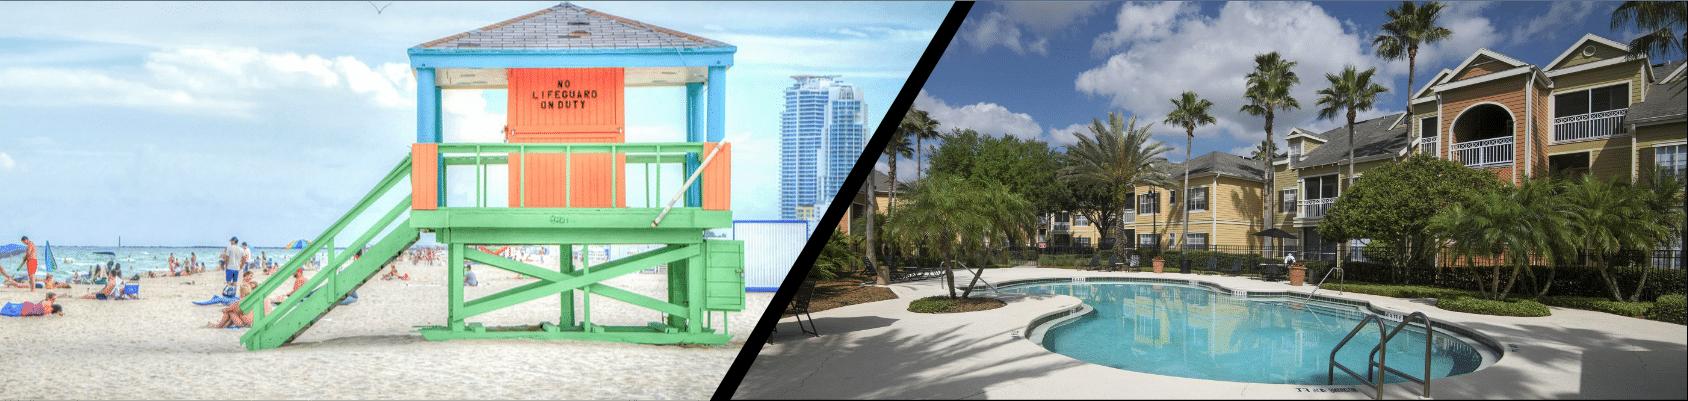 Voici une petite maison de sauvetage d'une plage de floride et une résidence d'appartements